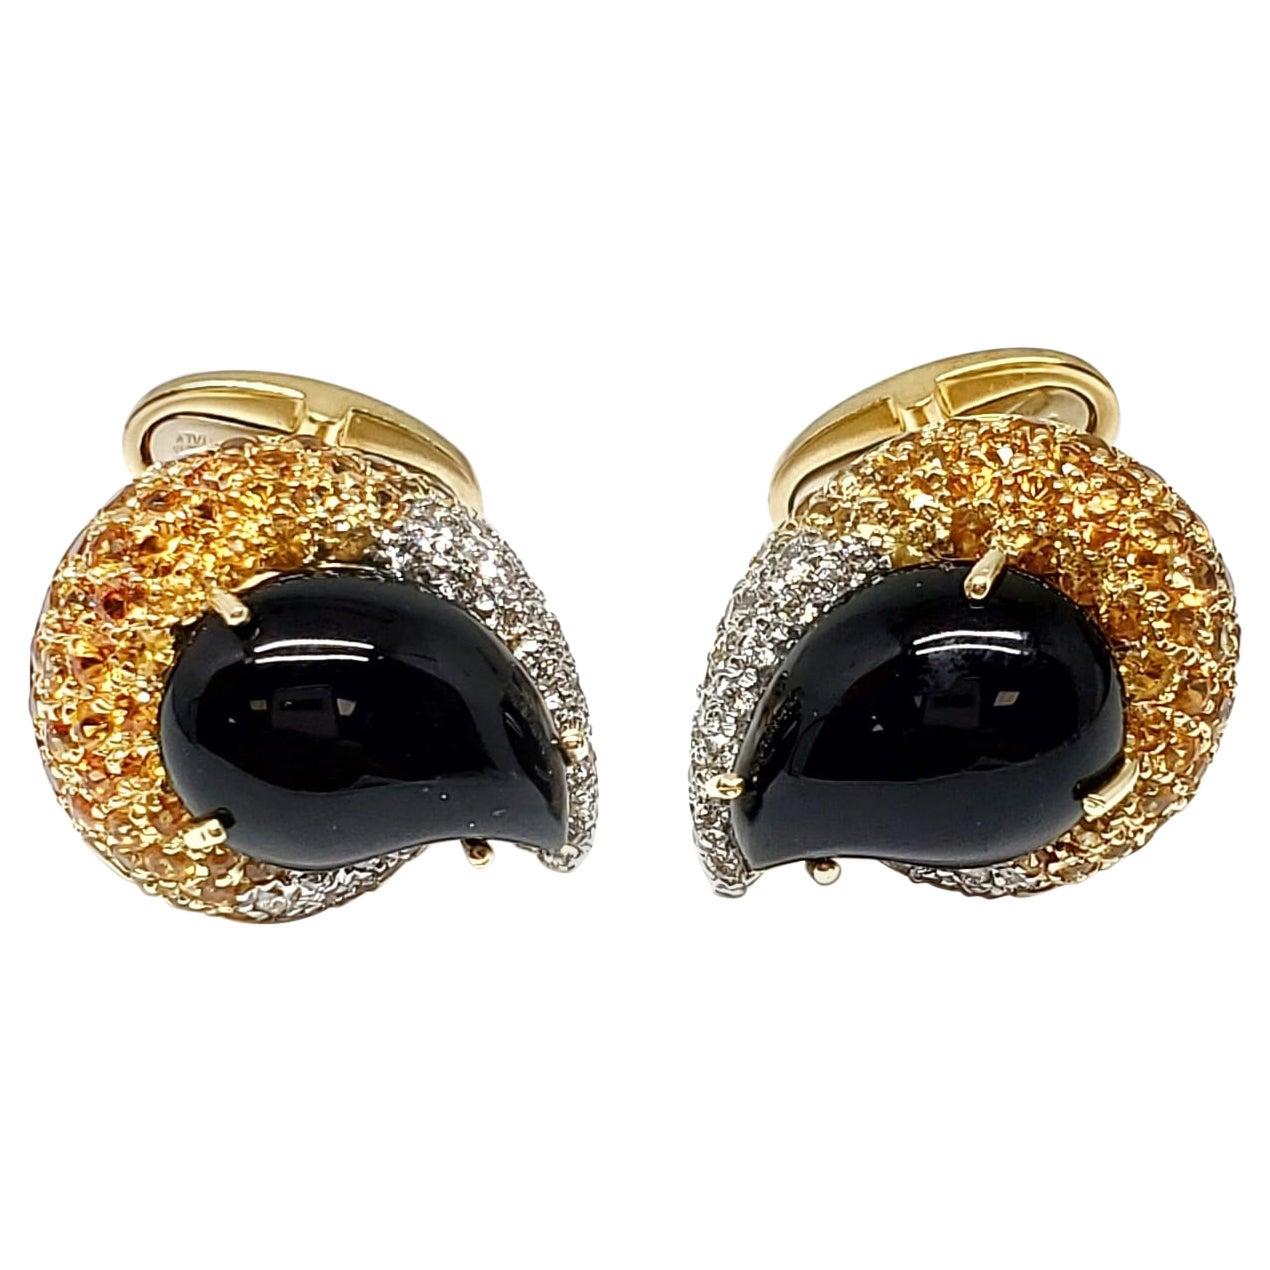 Andreoli Onyx Yellow Sapphire Diamond 18 Karat Yellow Gold Men's Cufflinks